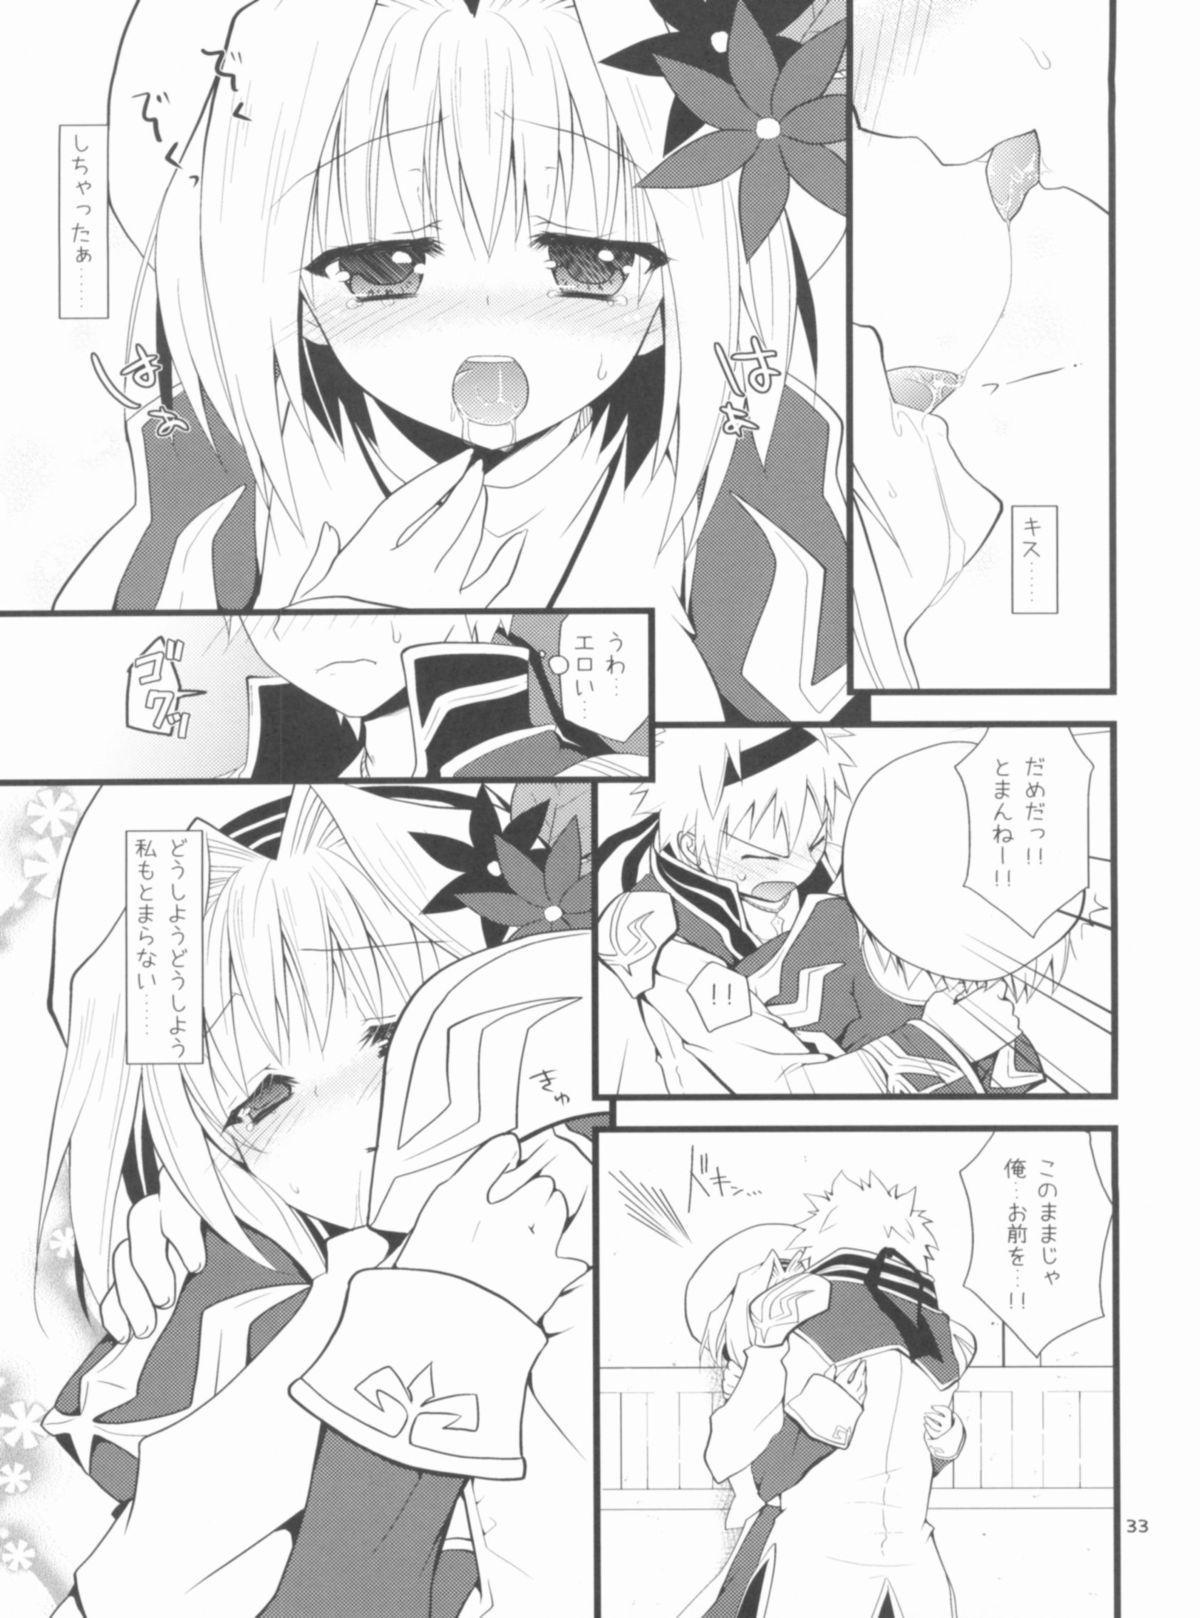 Memories of RO 32